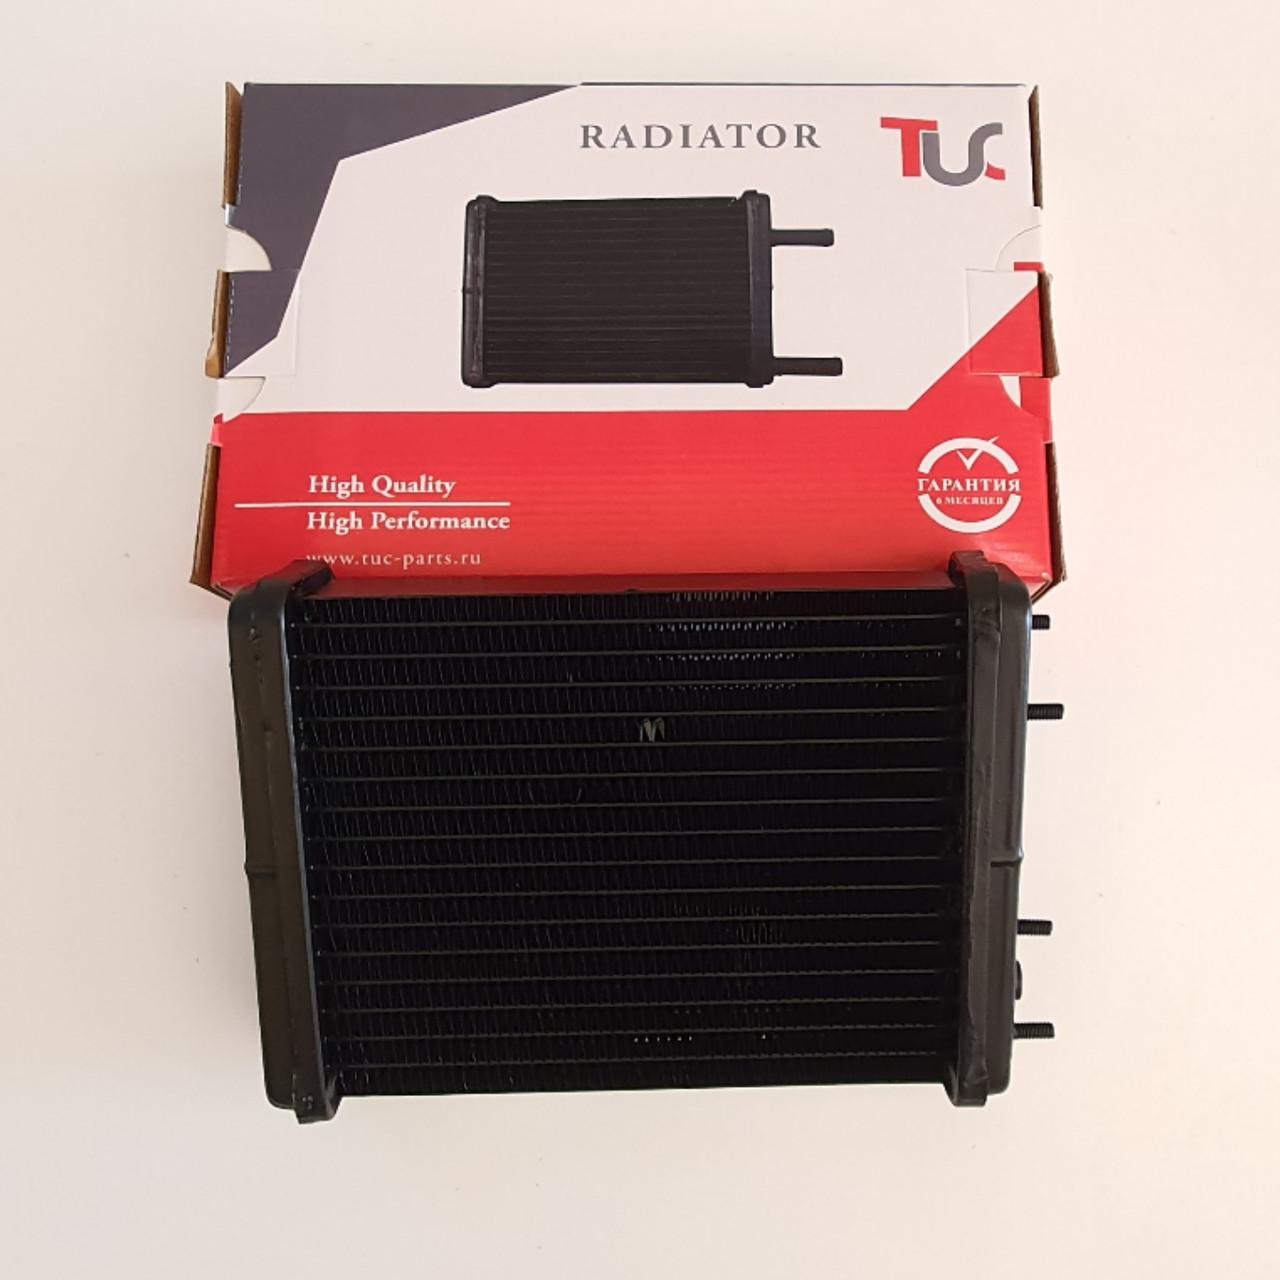 Радиатор отопителя ВАЗ 2101-03, 2106, медный, 2х рядный (Iran radiator ).